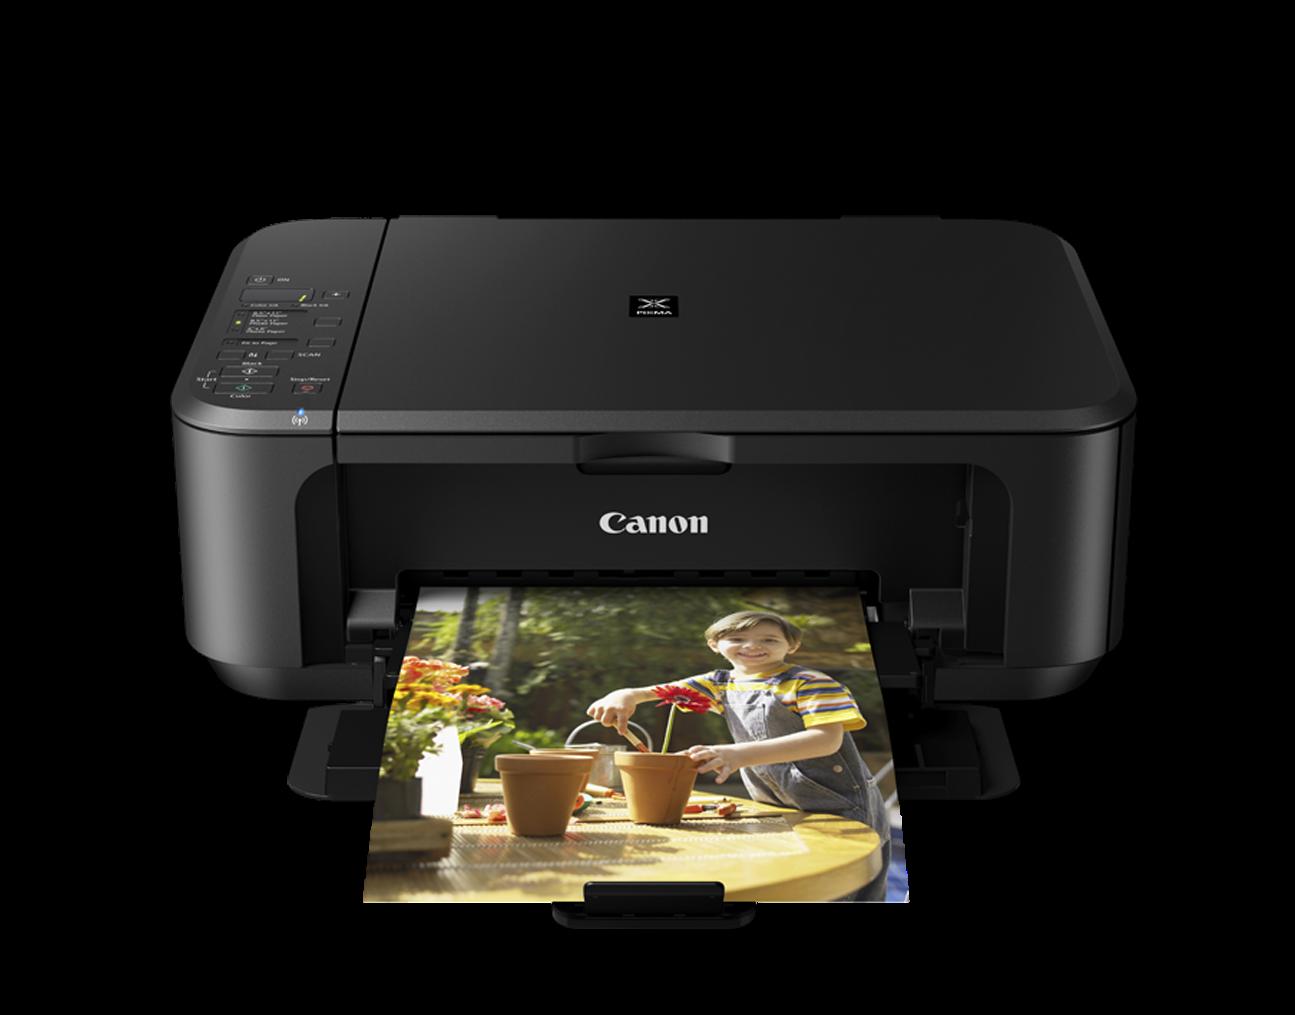 Descargar Gratis Los Driver De Impresora Canon Pixma